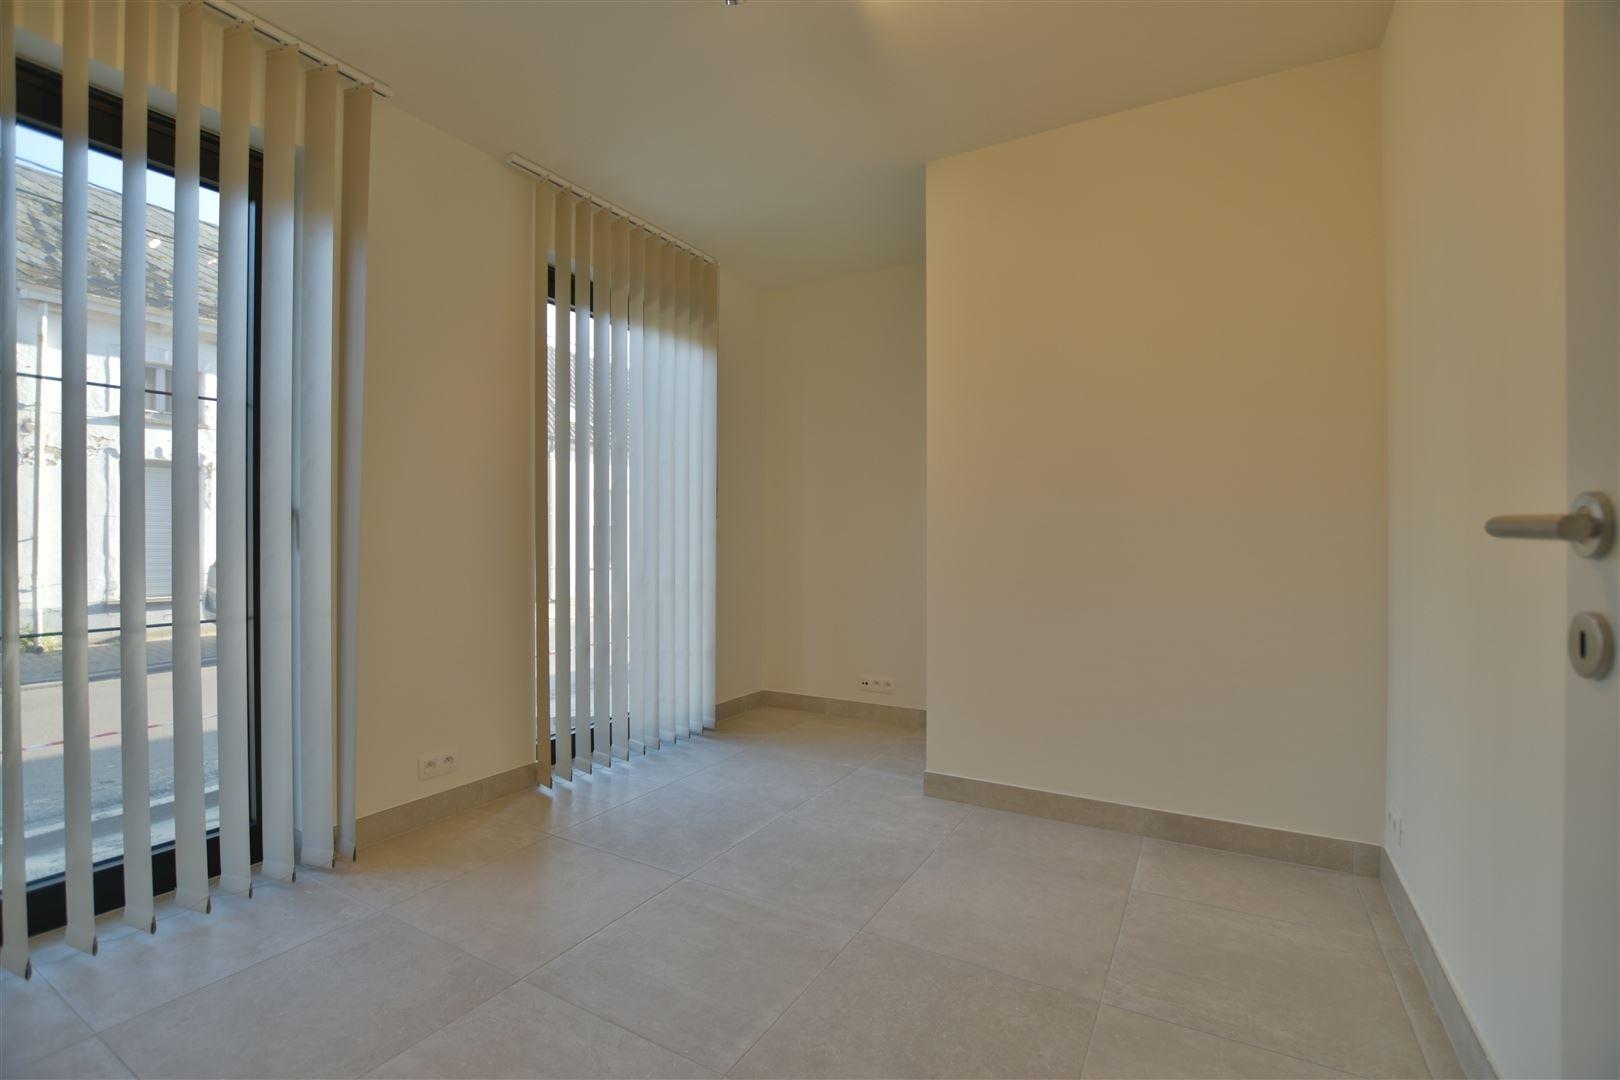 Foto 12 : Appartement te 9200 OUDEGEM (België) - Prijs € 830